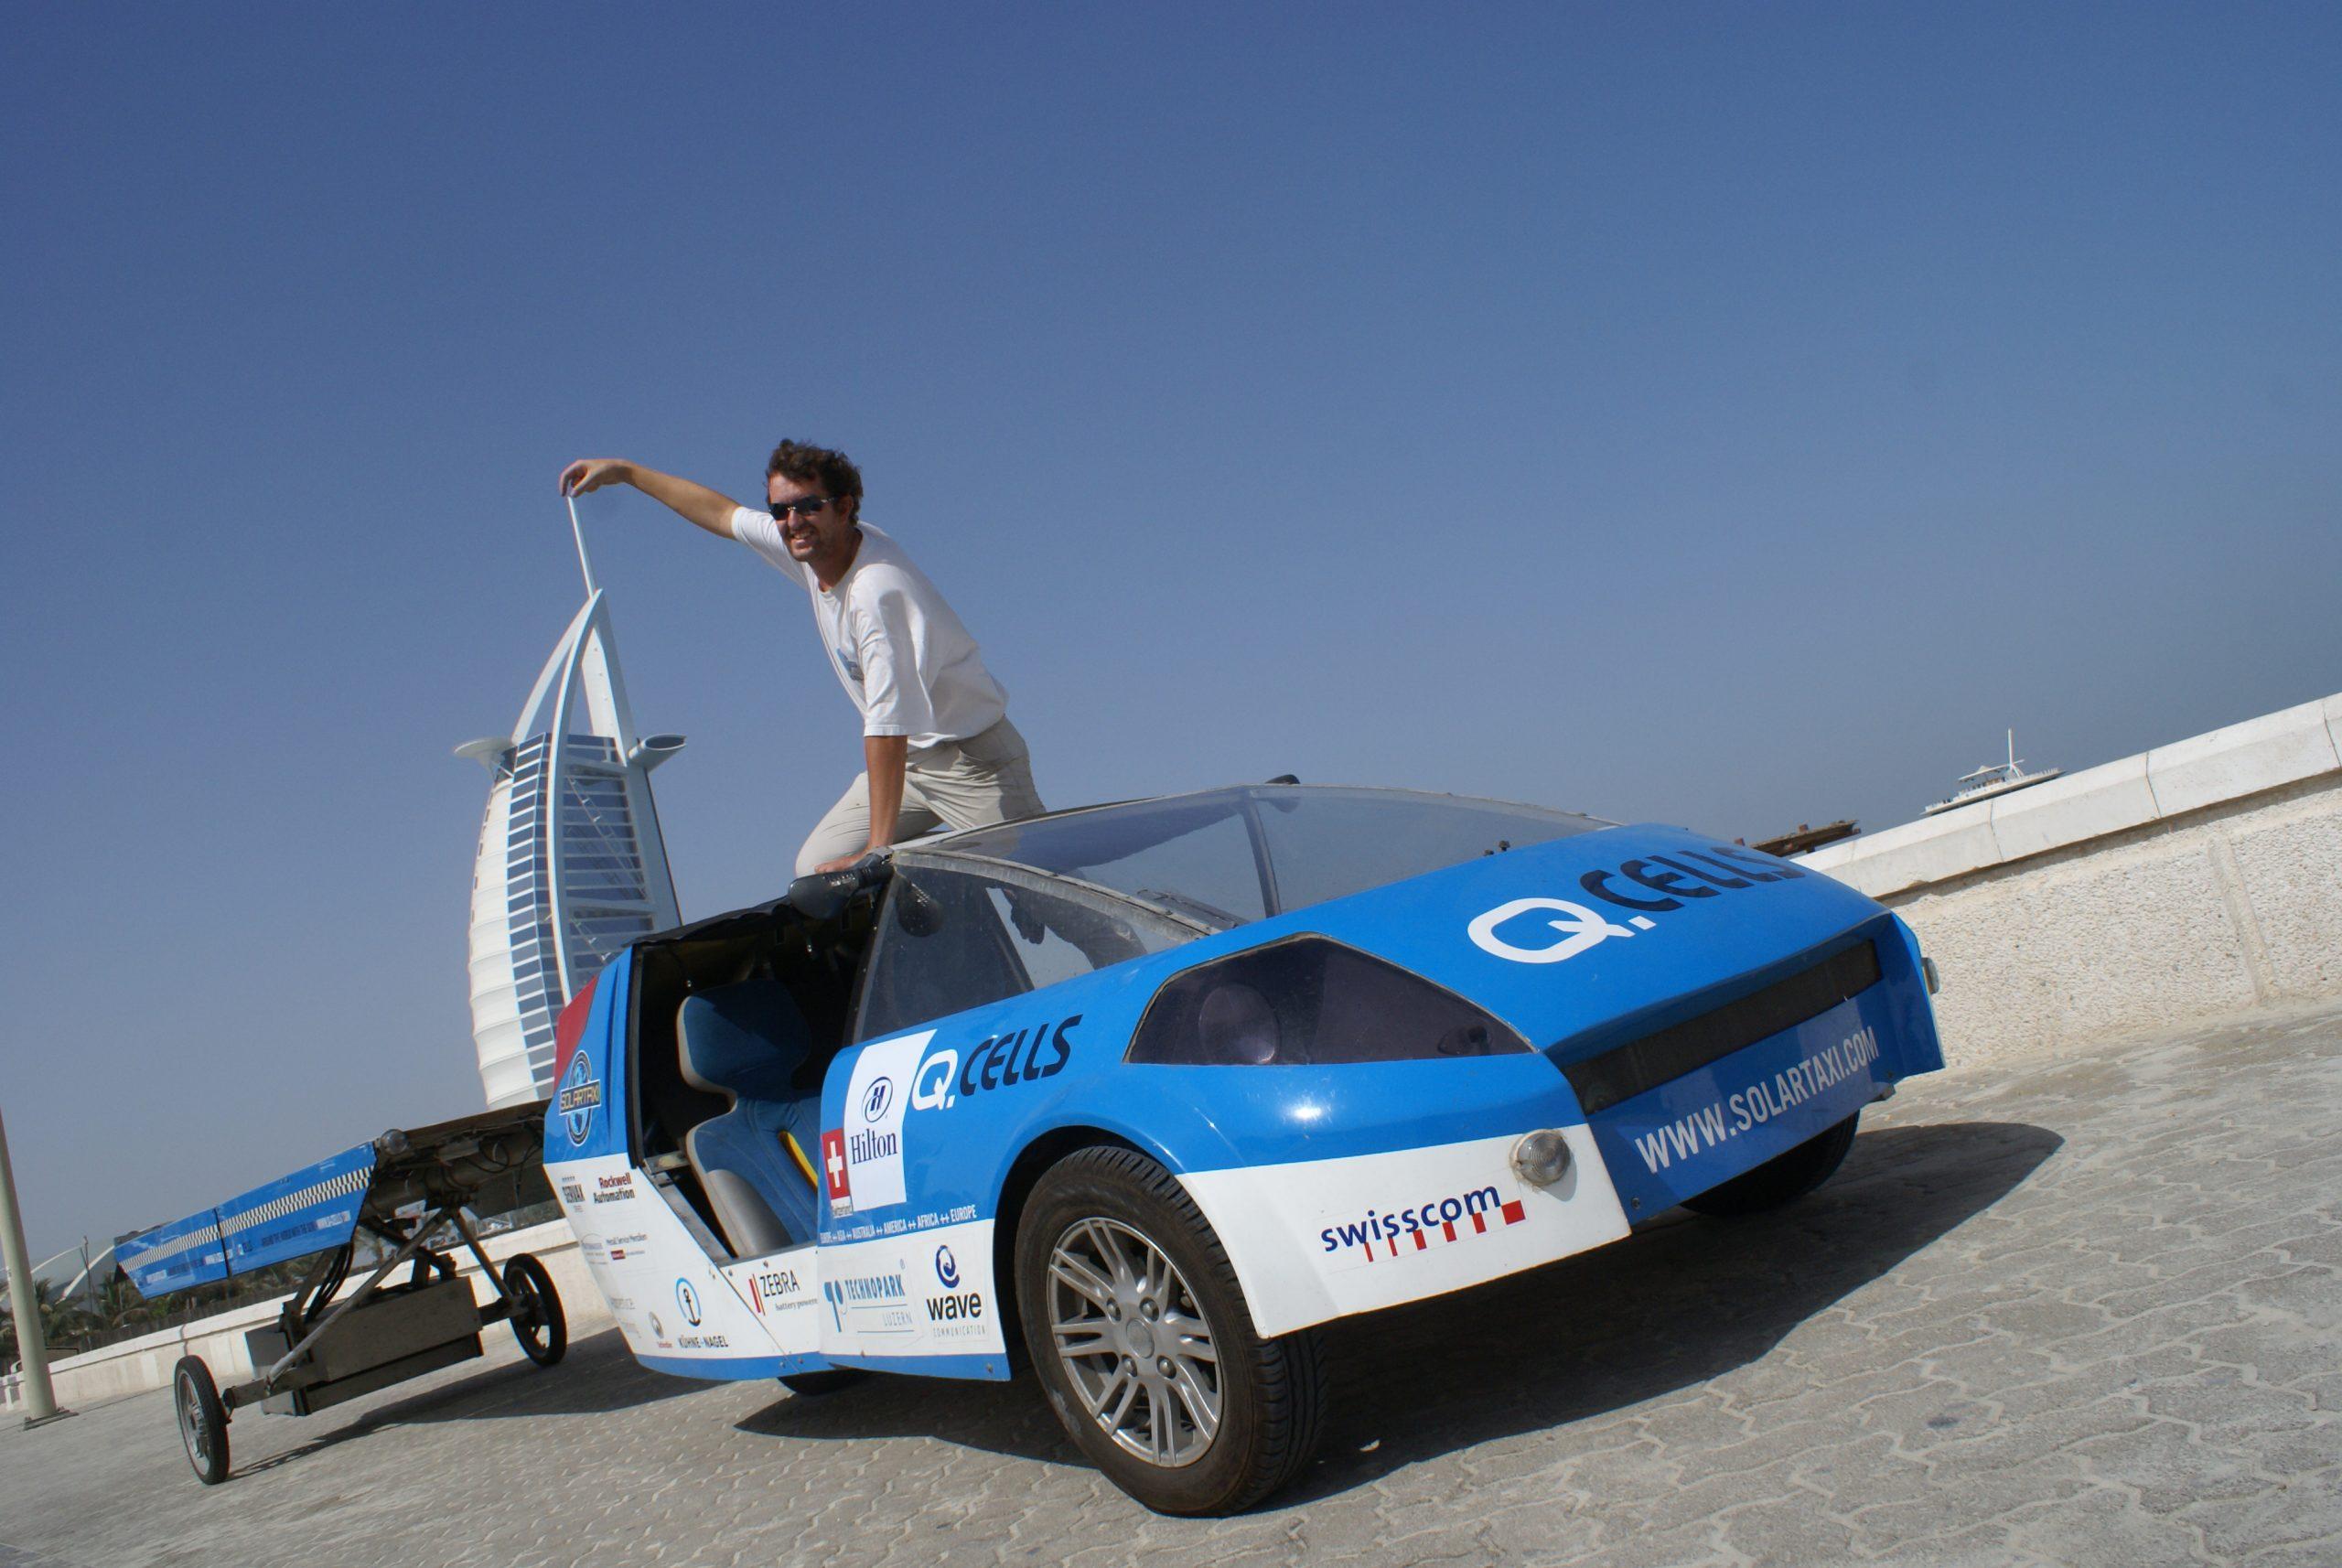 Solartaxi Dubai